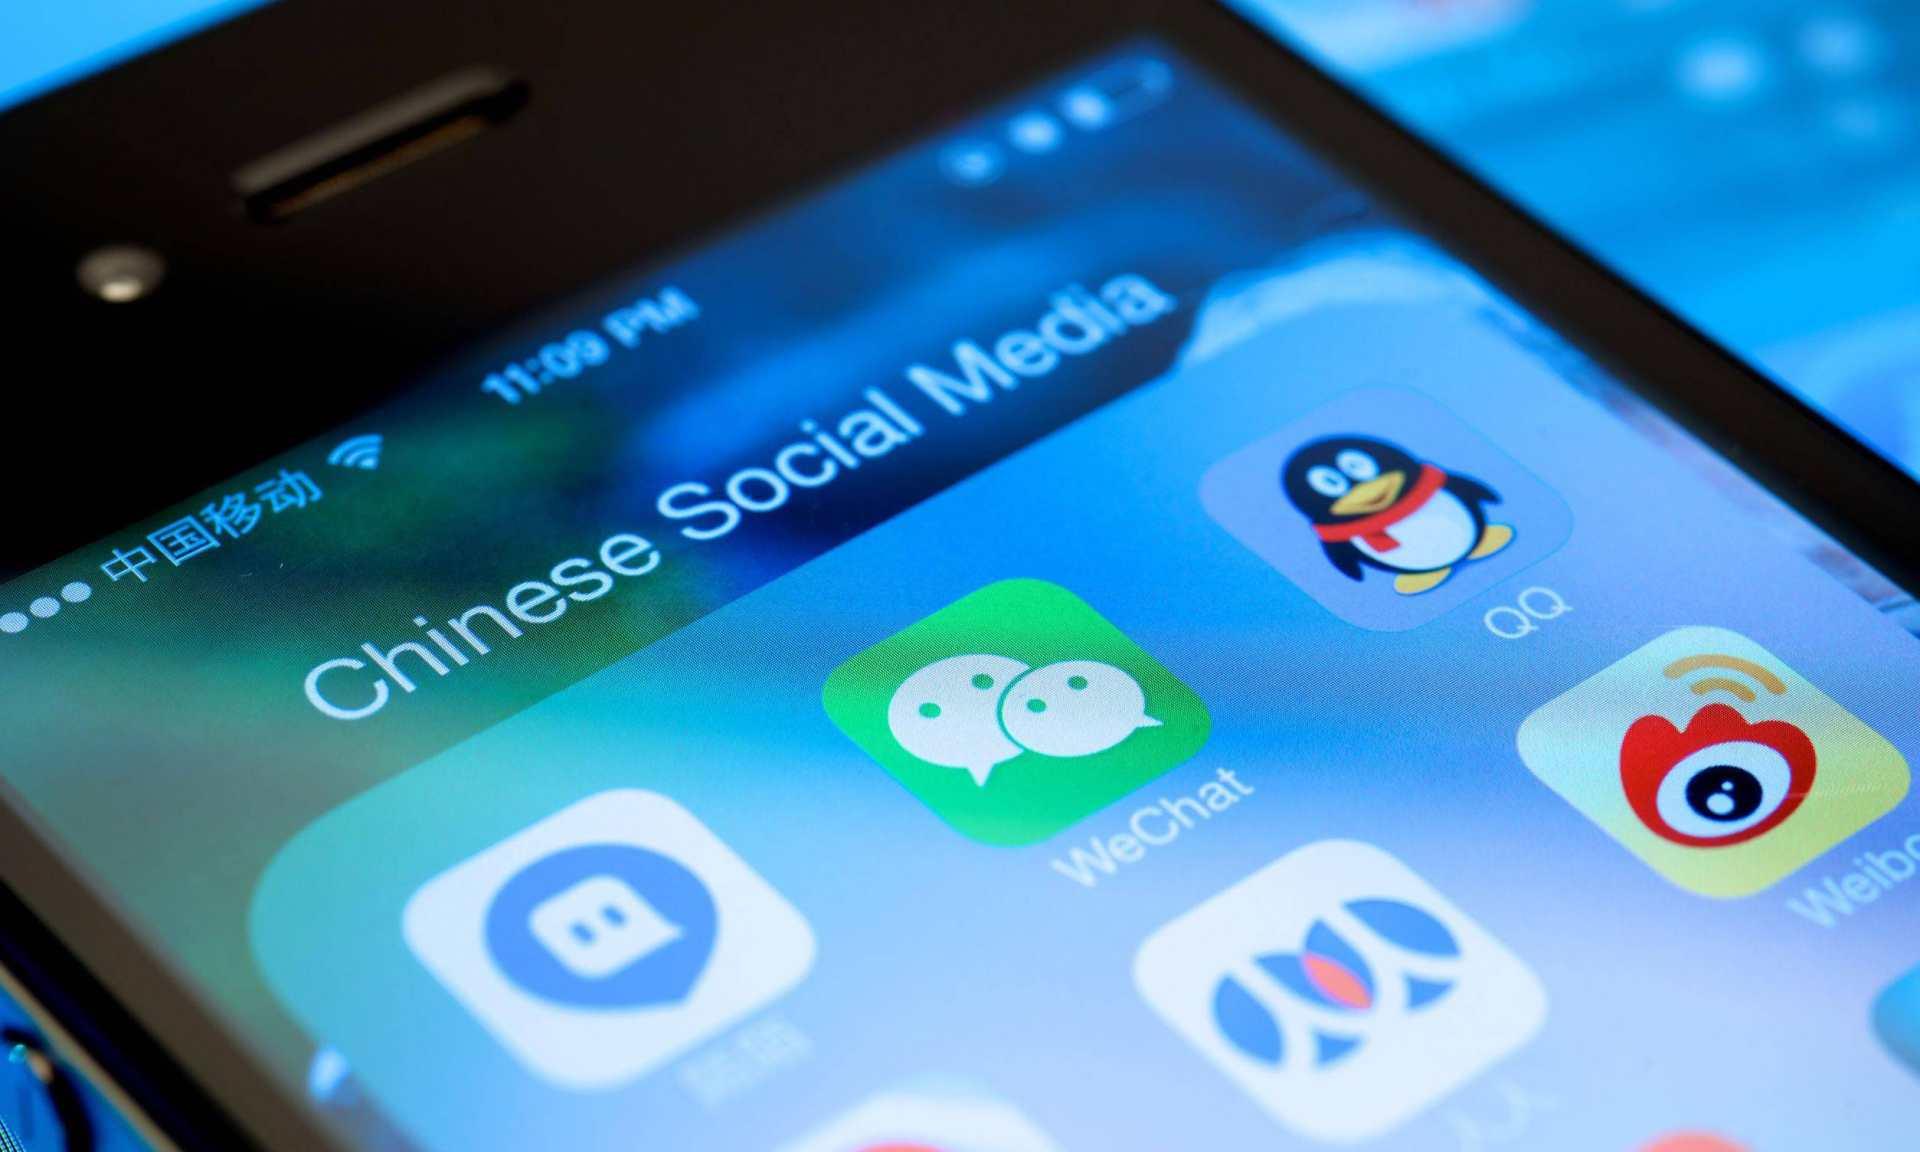 坐拥十二亿用户的微信来发展短视频,谁还能与之争锋? 好物资讯 第5张